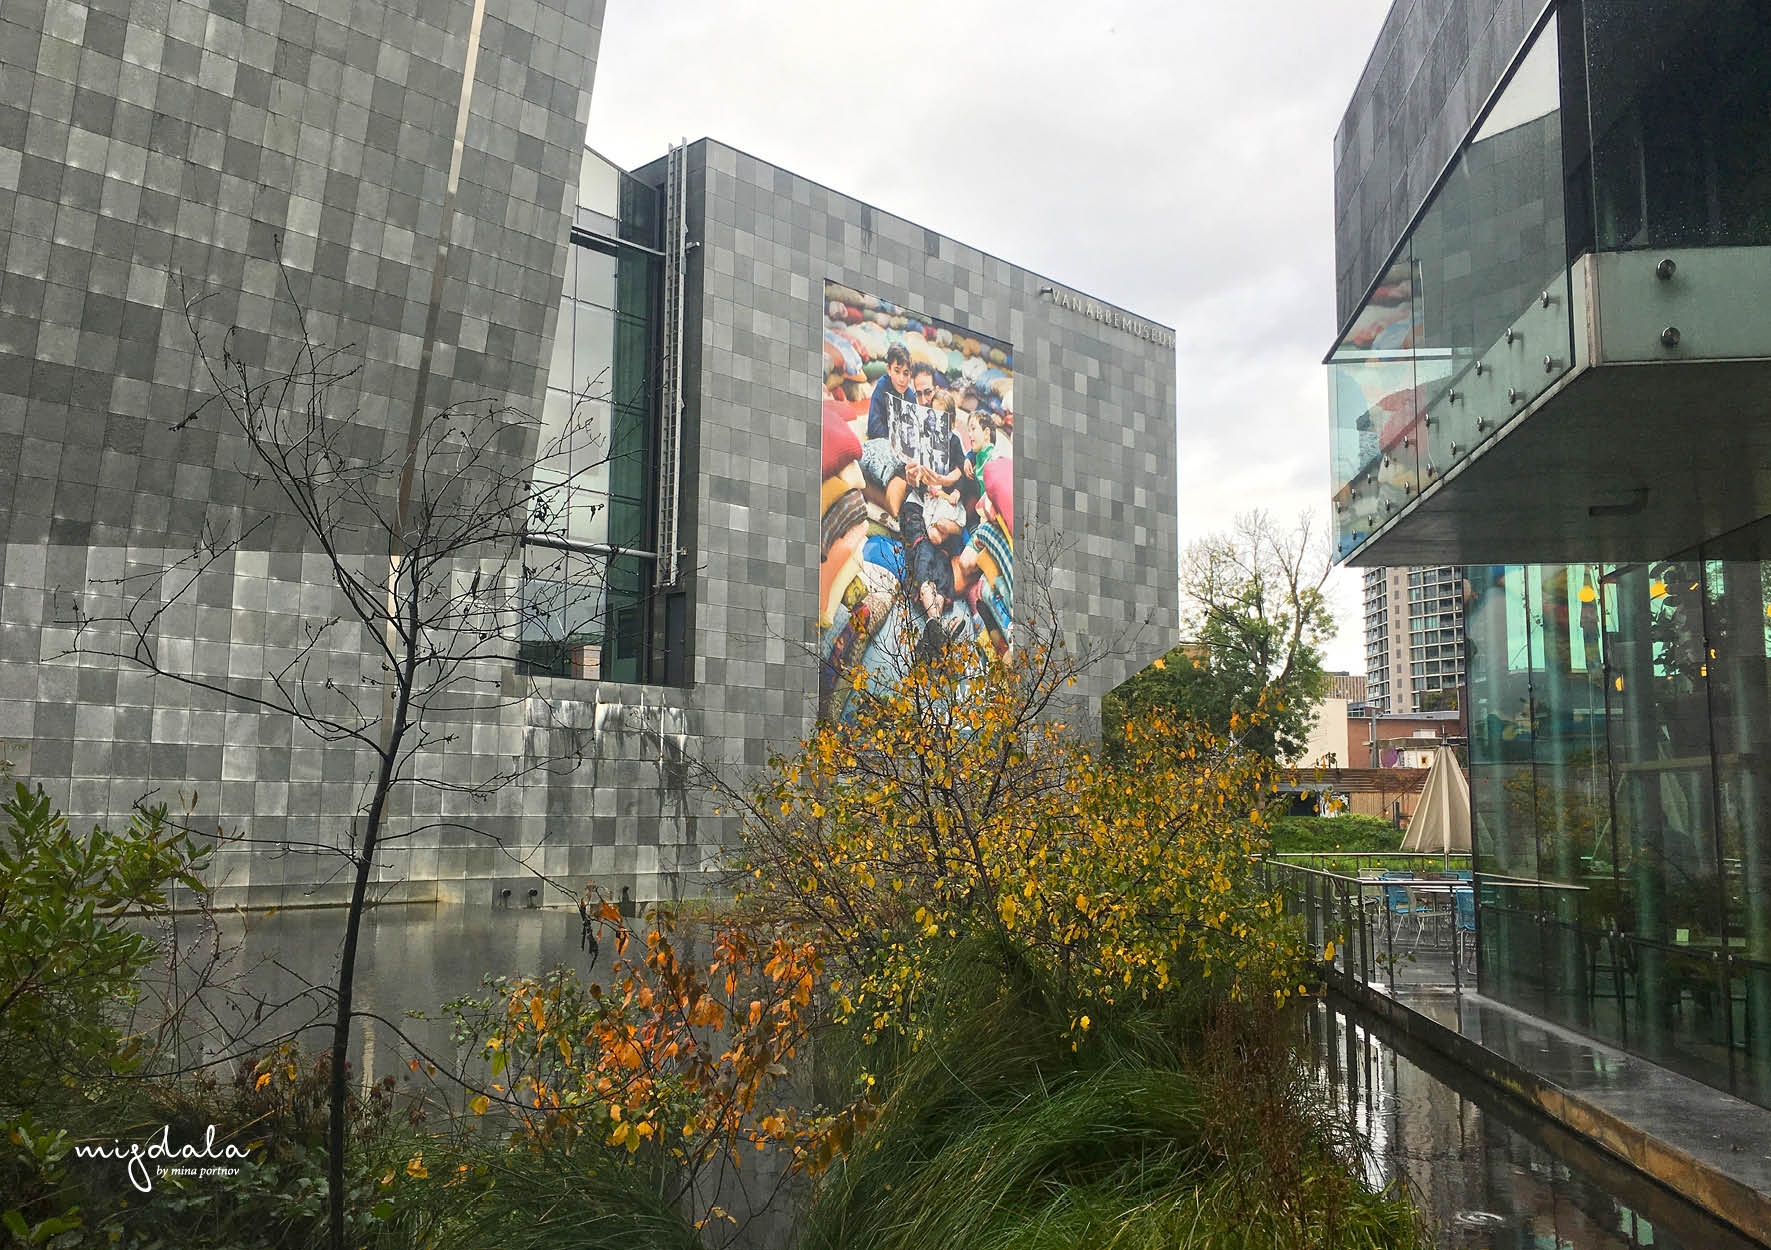 מוזיאון Van Abbemuseum המציג את התערוכה: GEO-DESIGN:JUNK